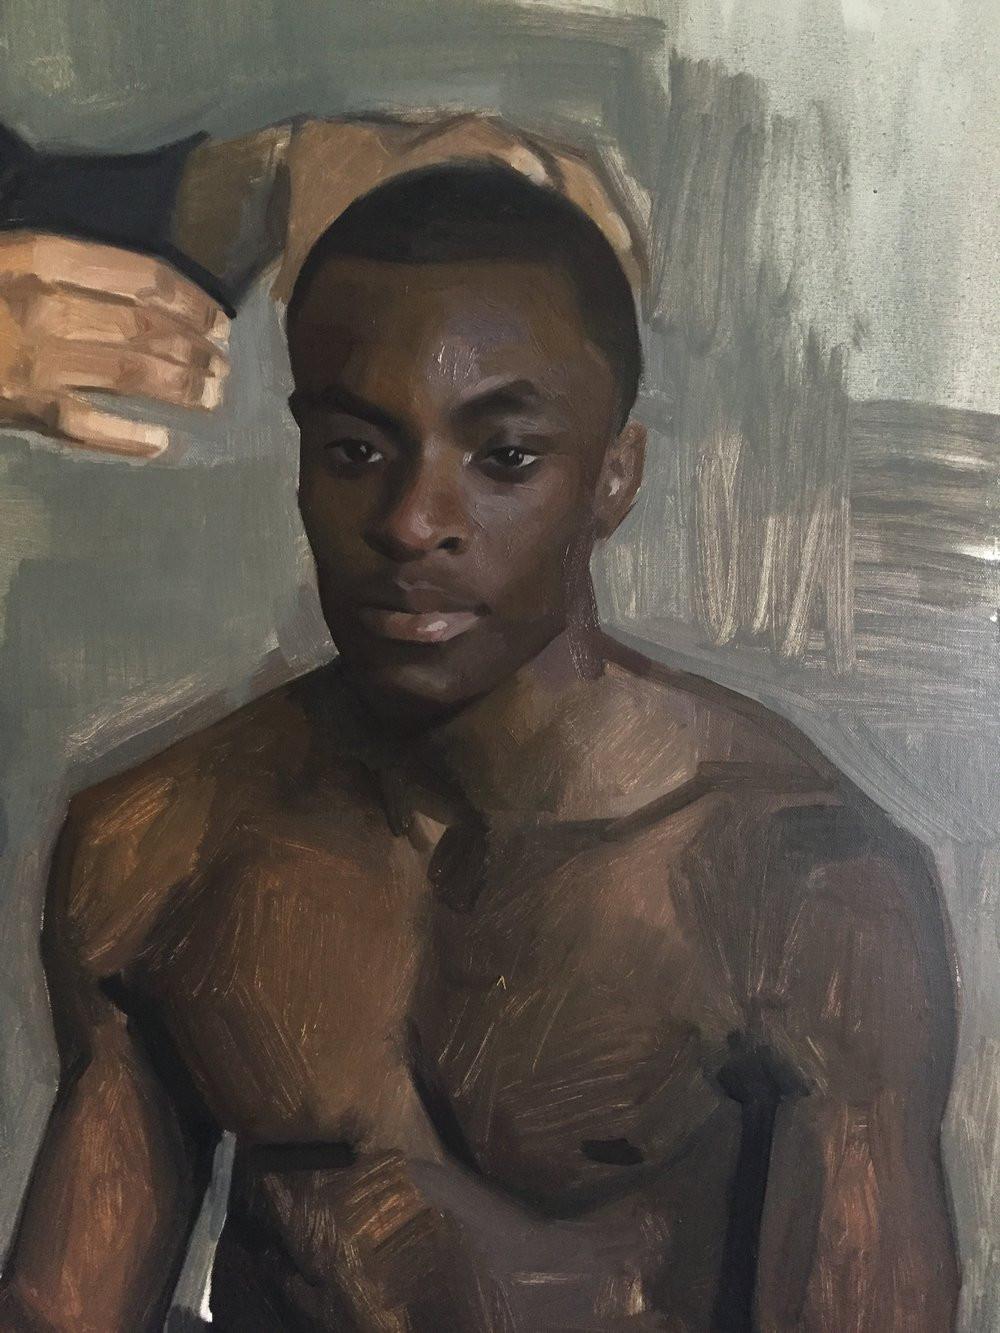 Fragmento de um estudio do pintor Jas Knight